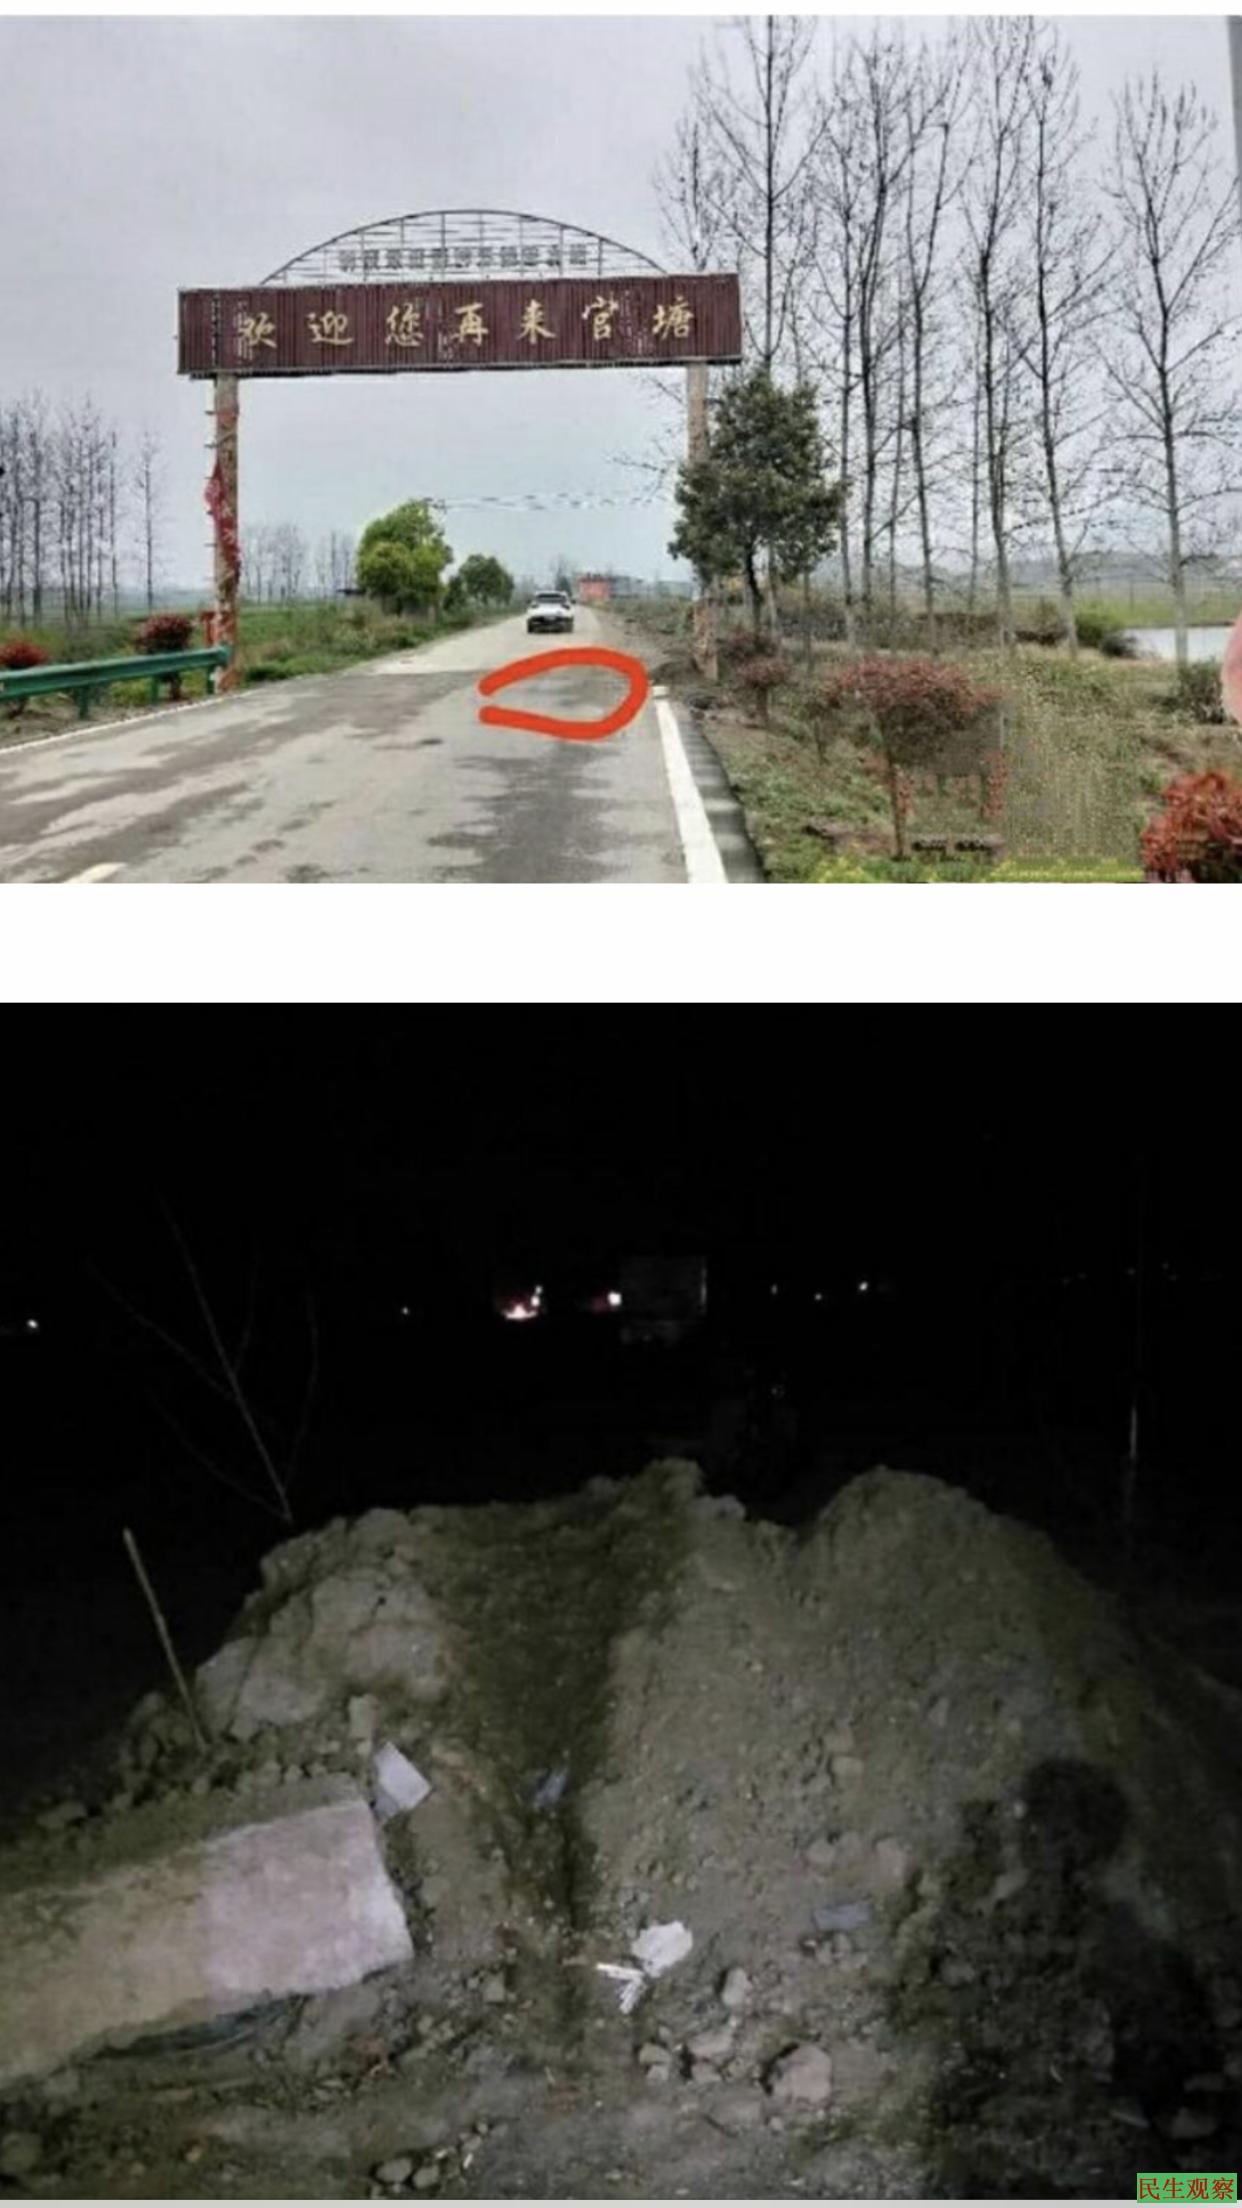 湖北防疫路障撞死村民